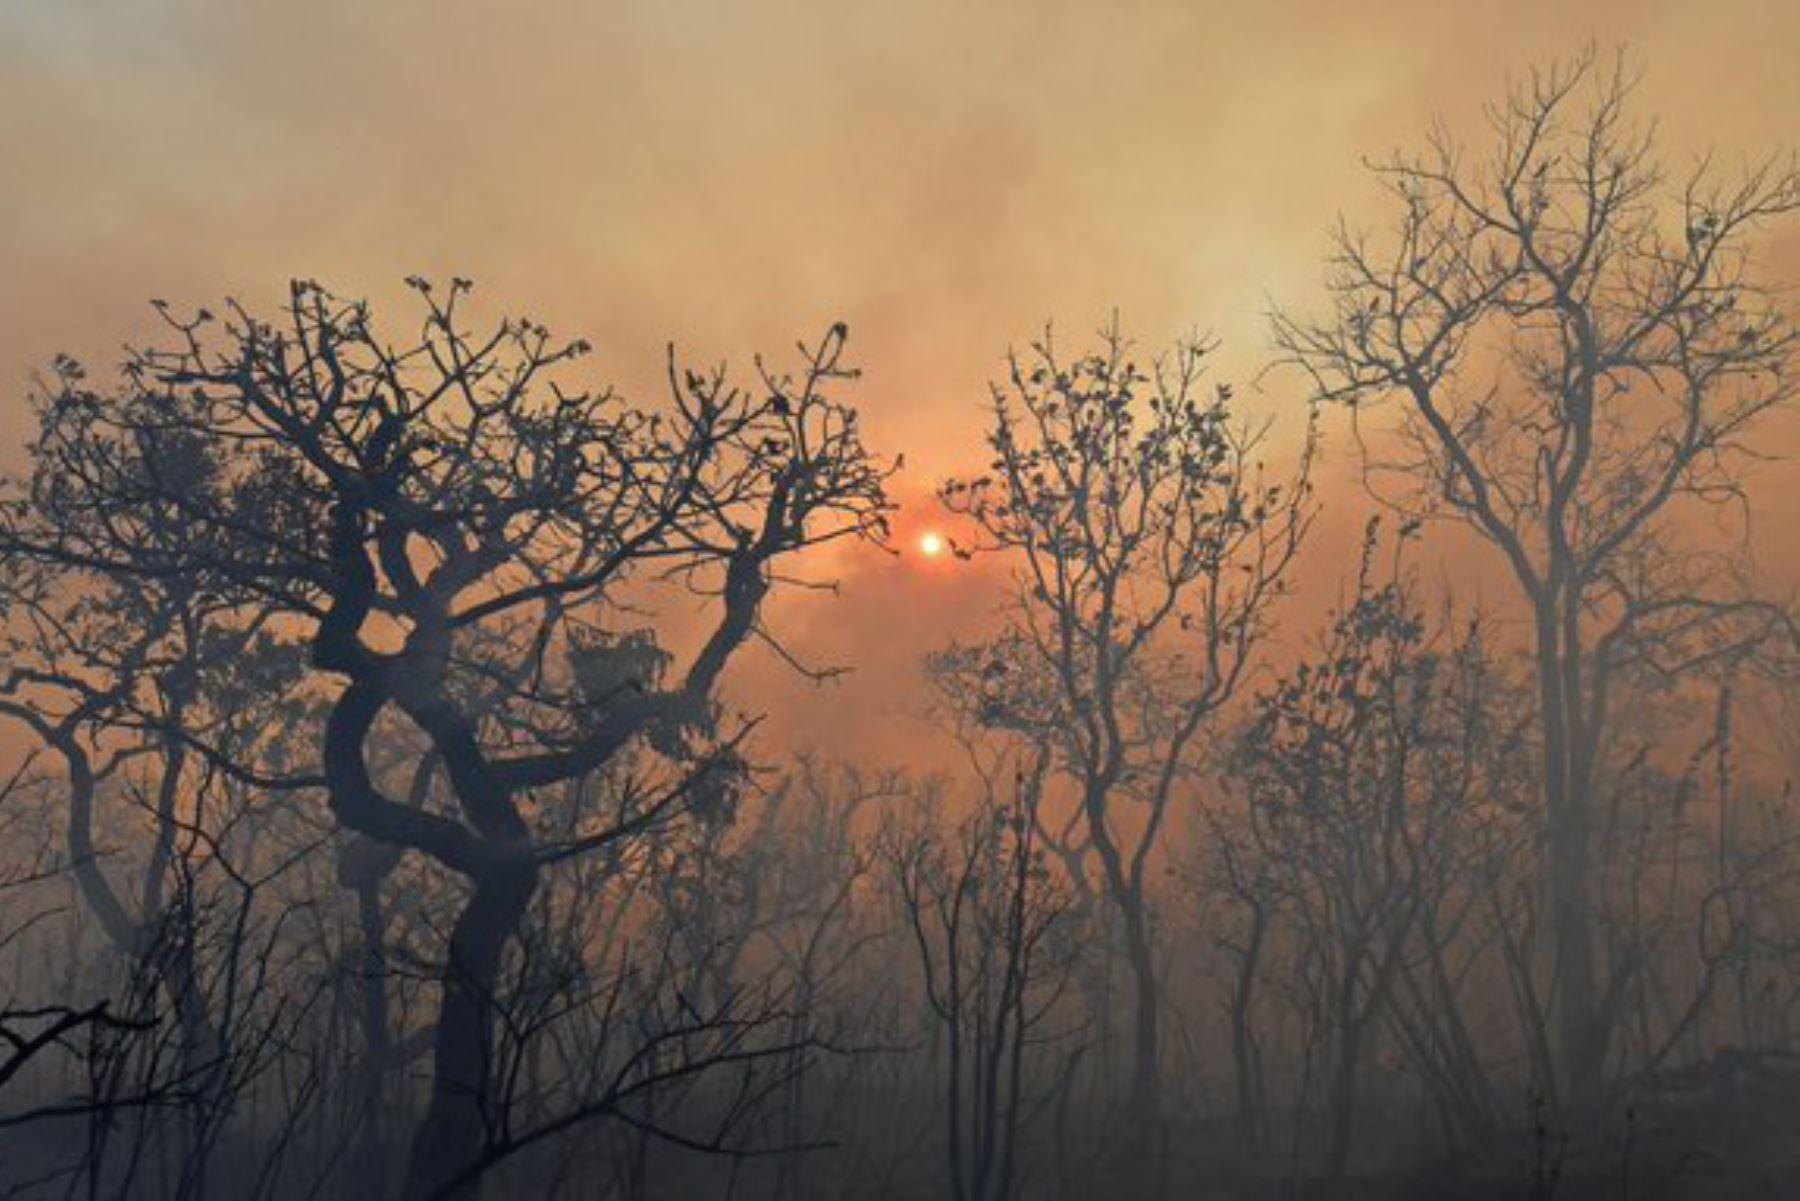 Aumento de aerosoles por quema de bosques afecta la calidad del aire y la salud, reveló el Instituto Geofísico del Perú.